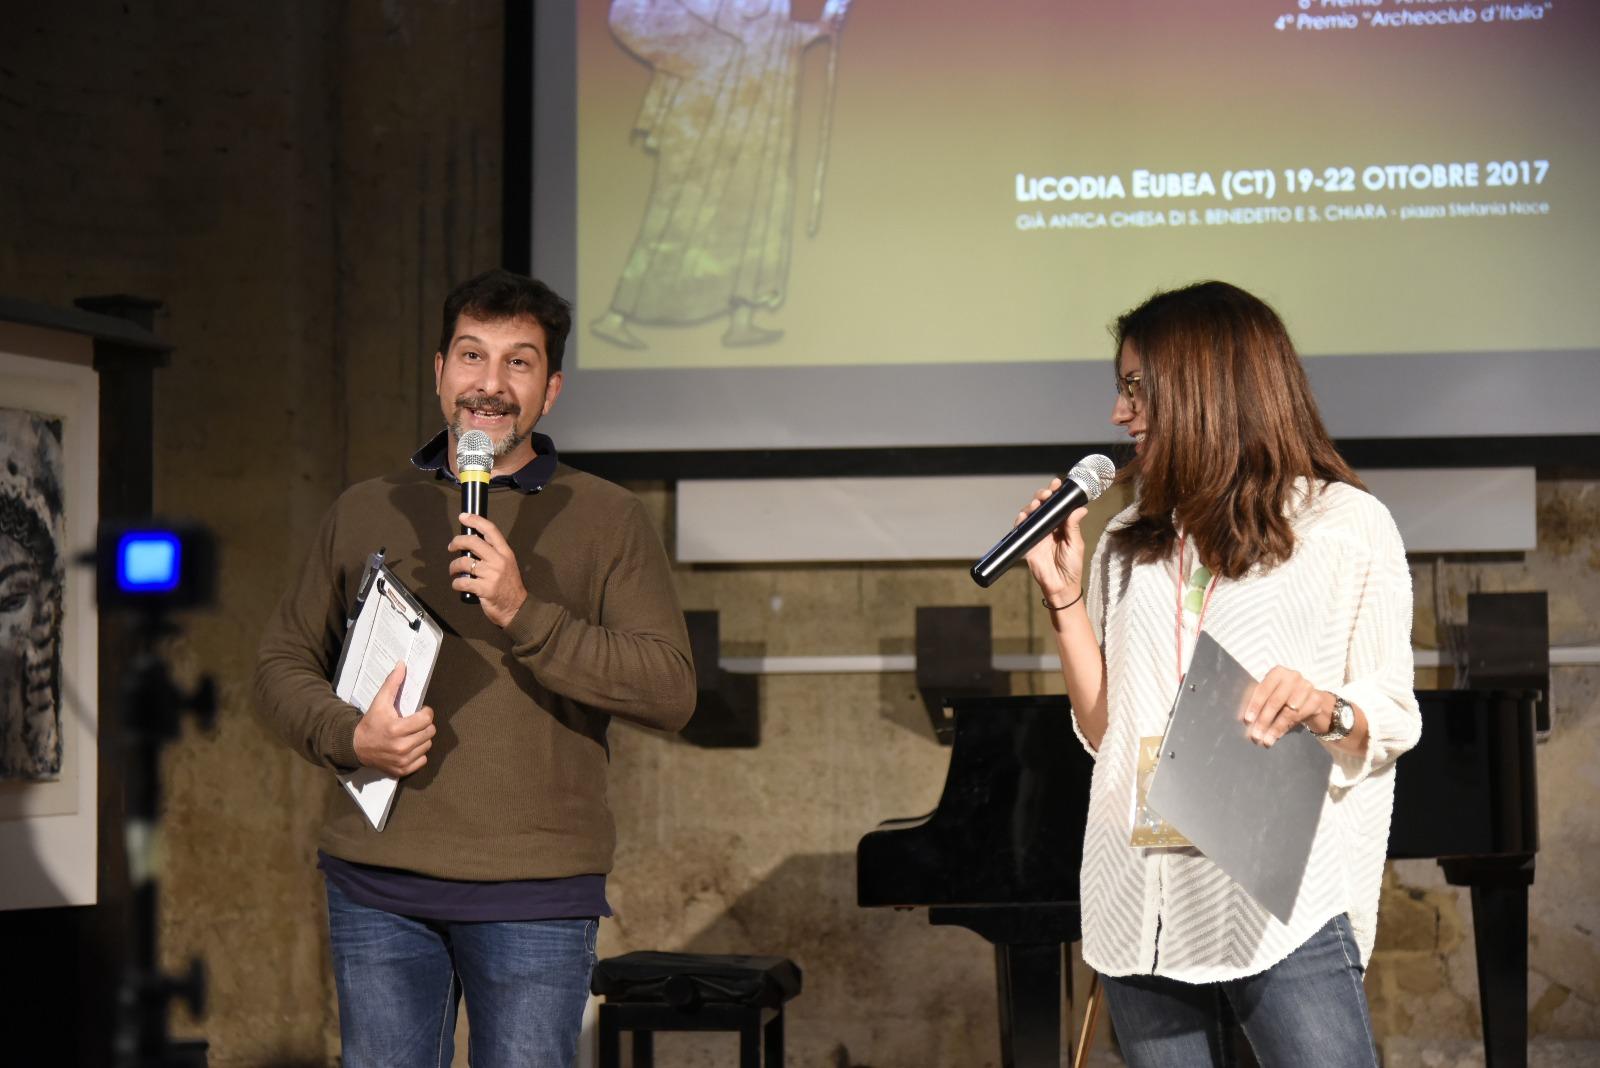 licodia-eubea_rassegna_alessandra-cilio-e-lorenzo-daniele-direttori-artistici-del-festival